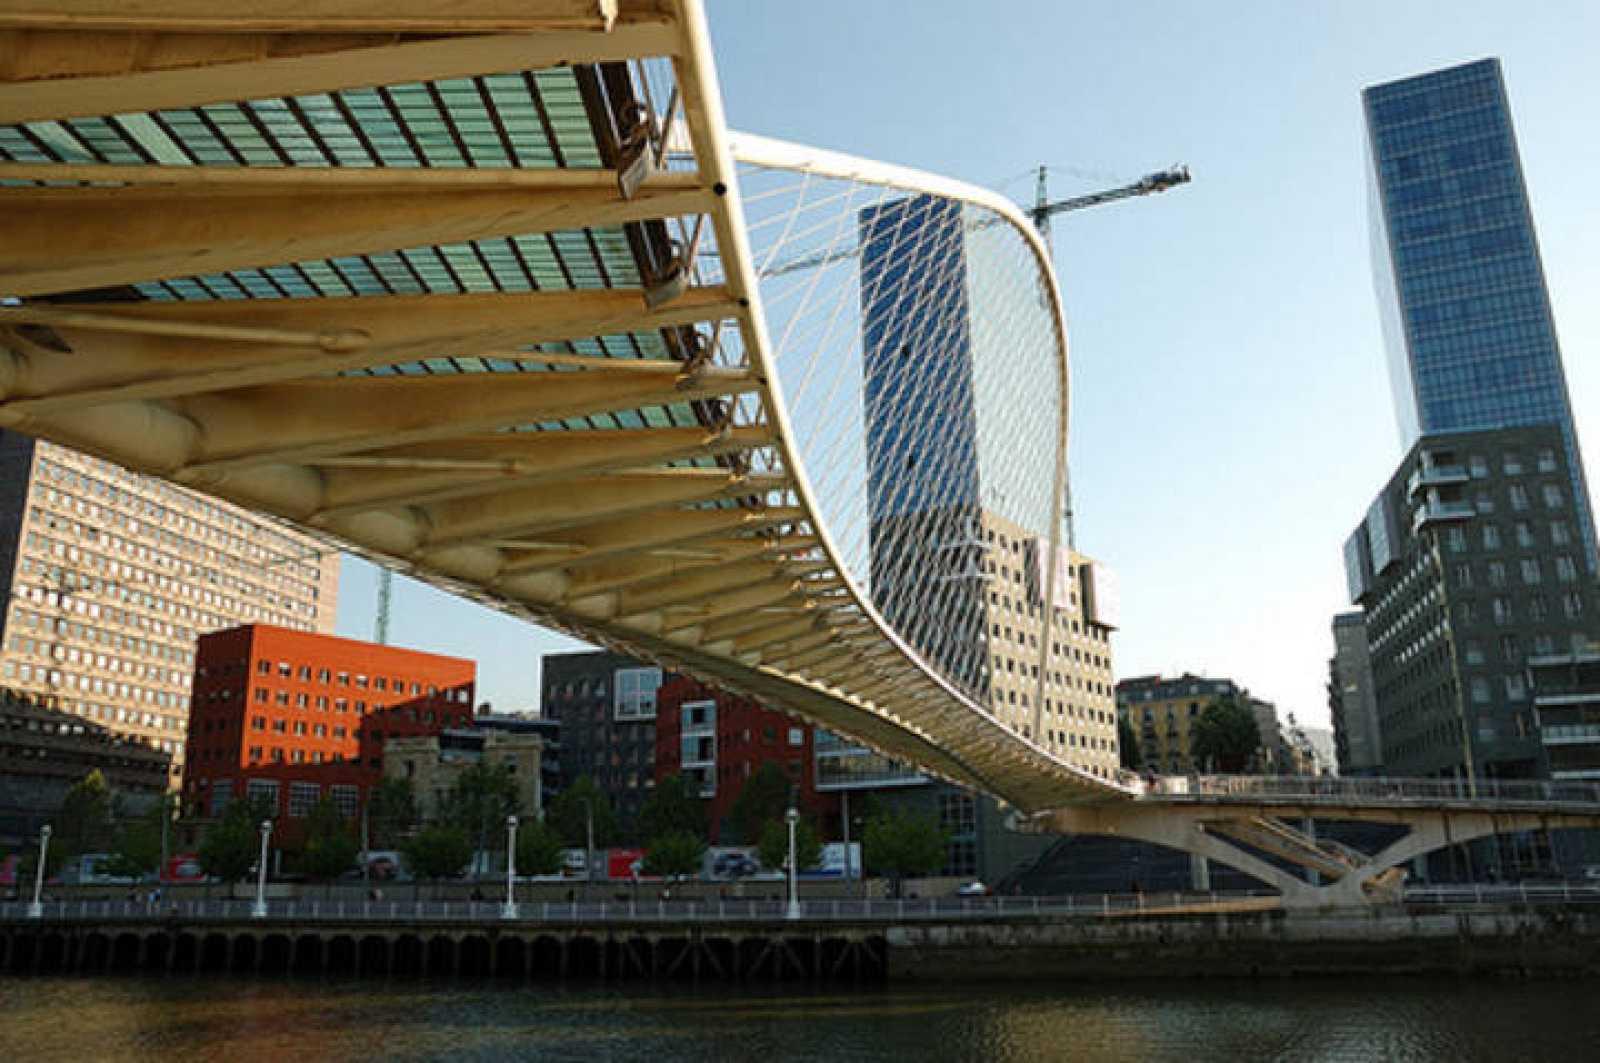 Imagen de la pasarela Zubi Zuri, que comunica las dos orillas de la Ría en Bilbao.